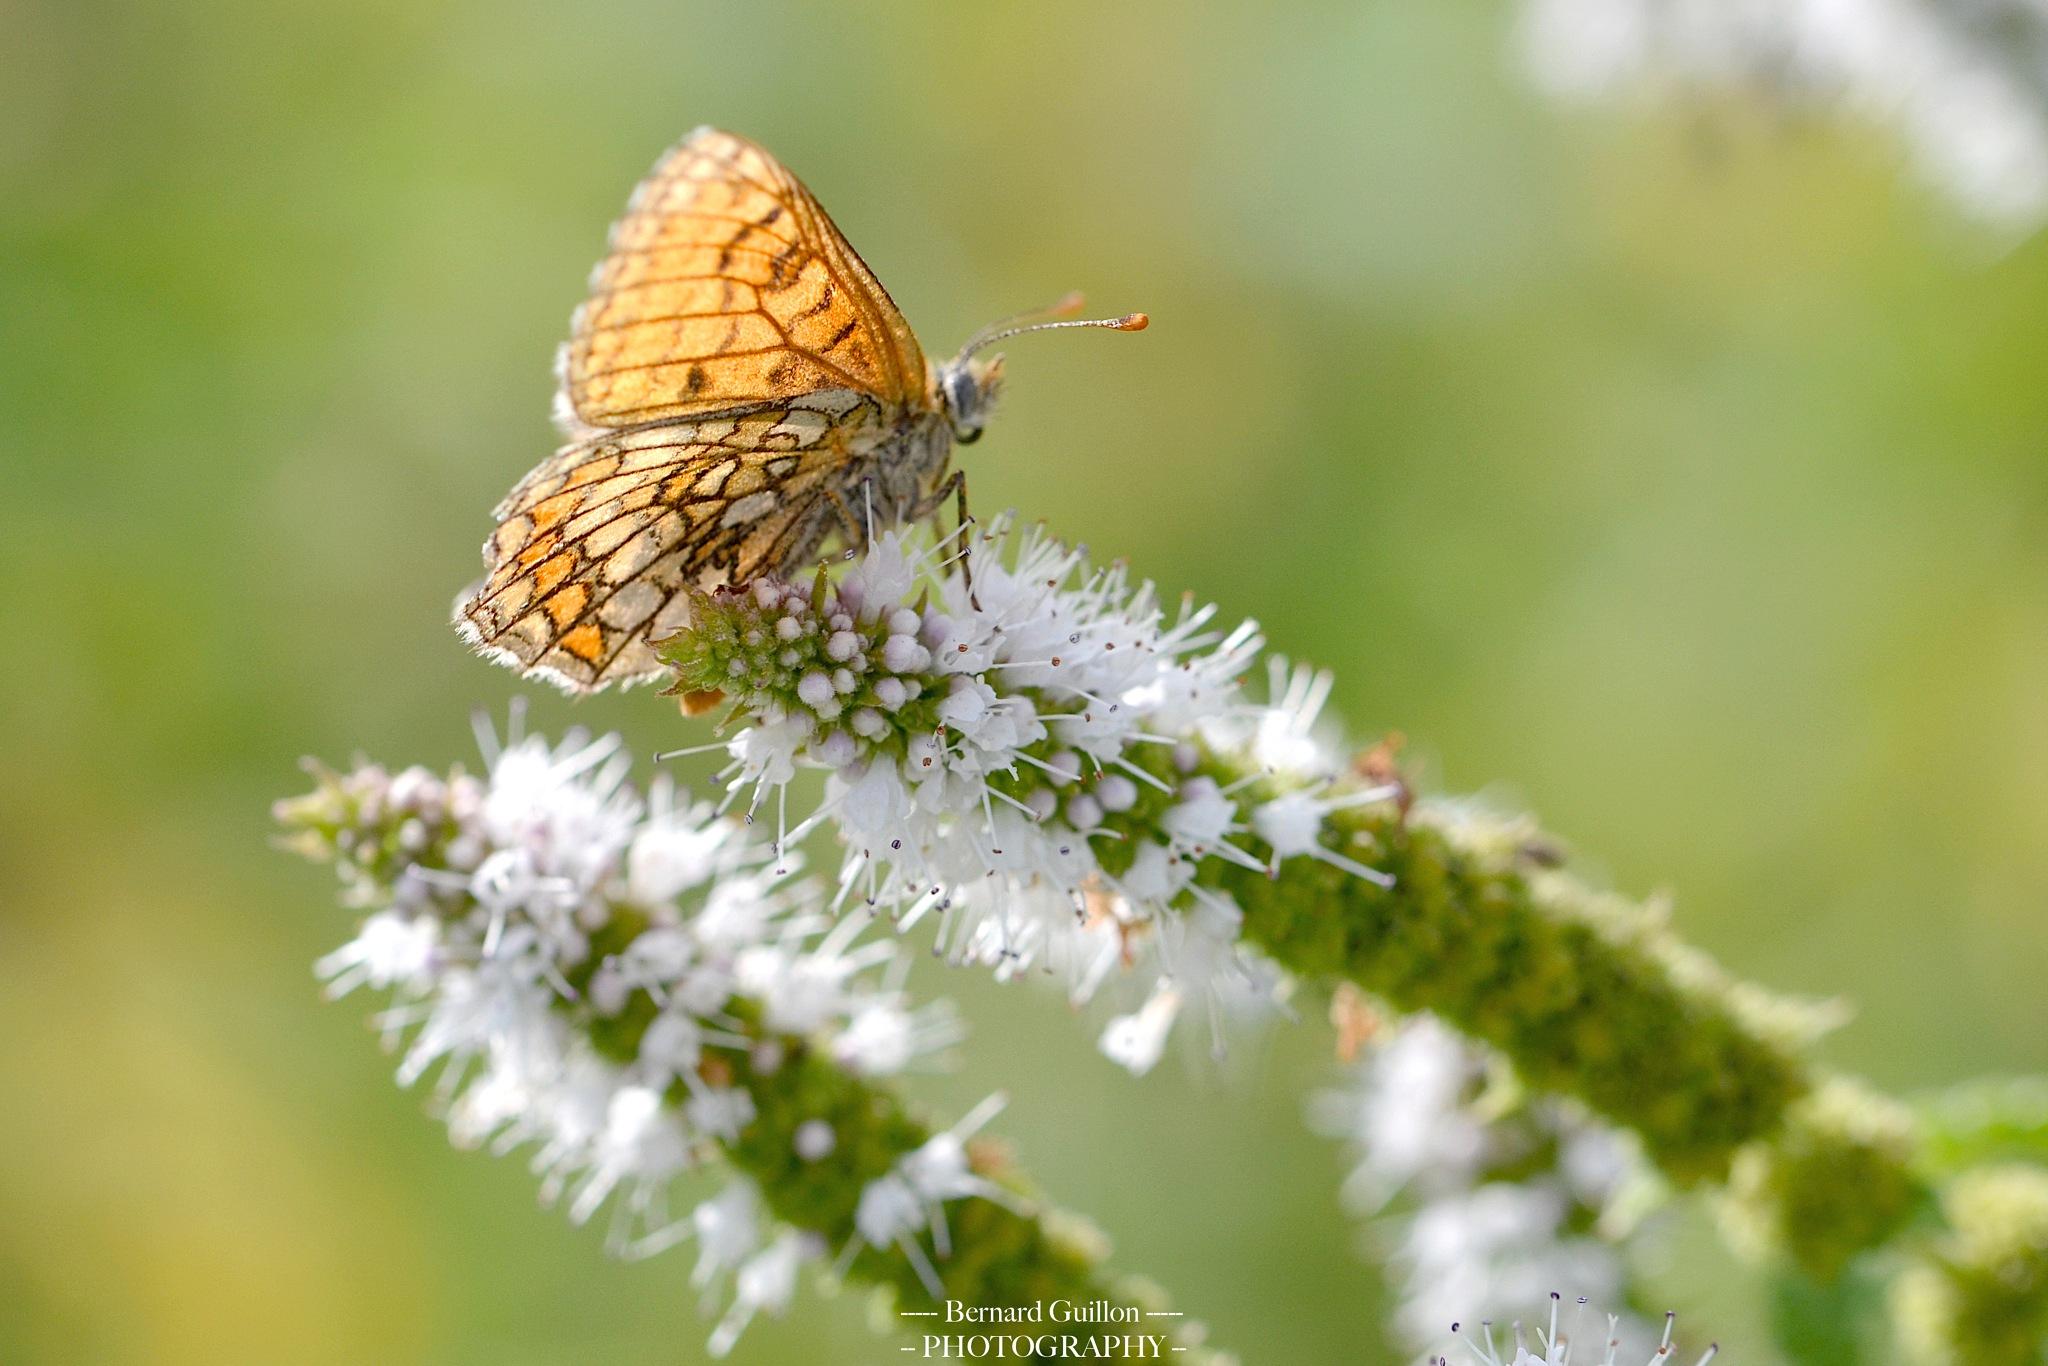 A butterfly at sunset by Bernard Guillon